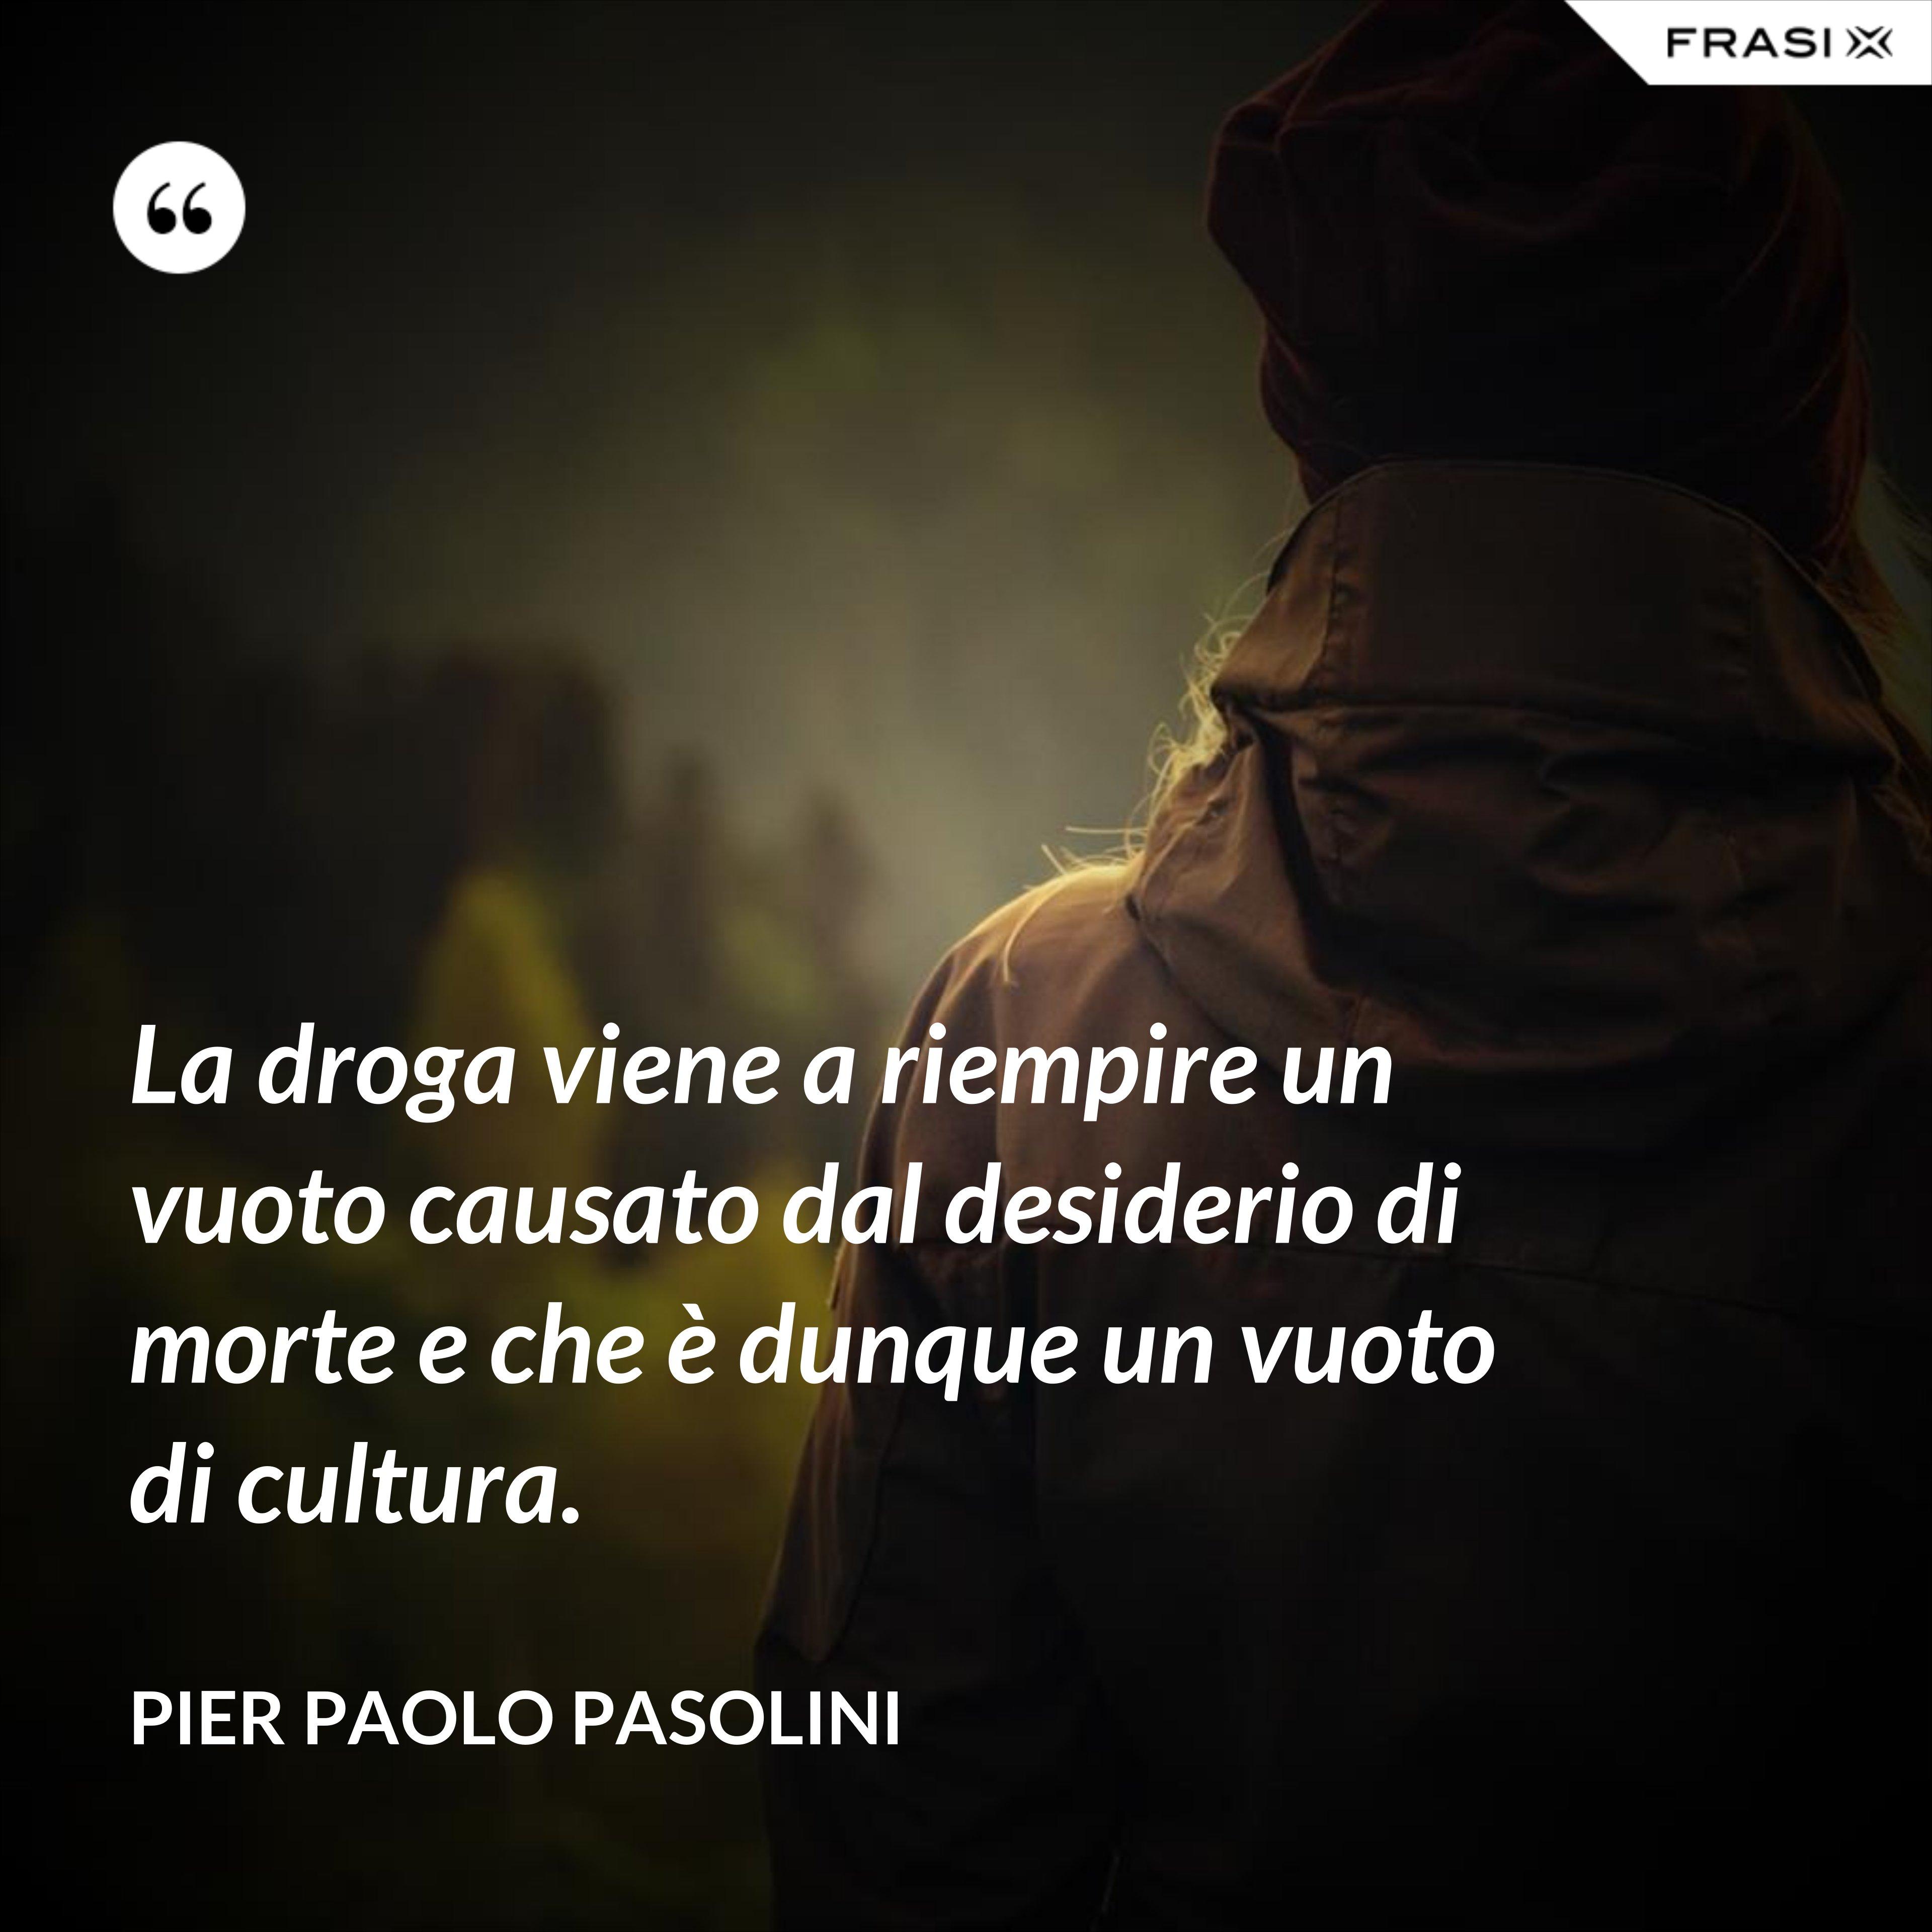 La droga viene a riempire un vuoto causato dal desiderio di morte e che è dunque un vuoto di cultura. - Pier Paolo Pasolini